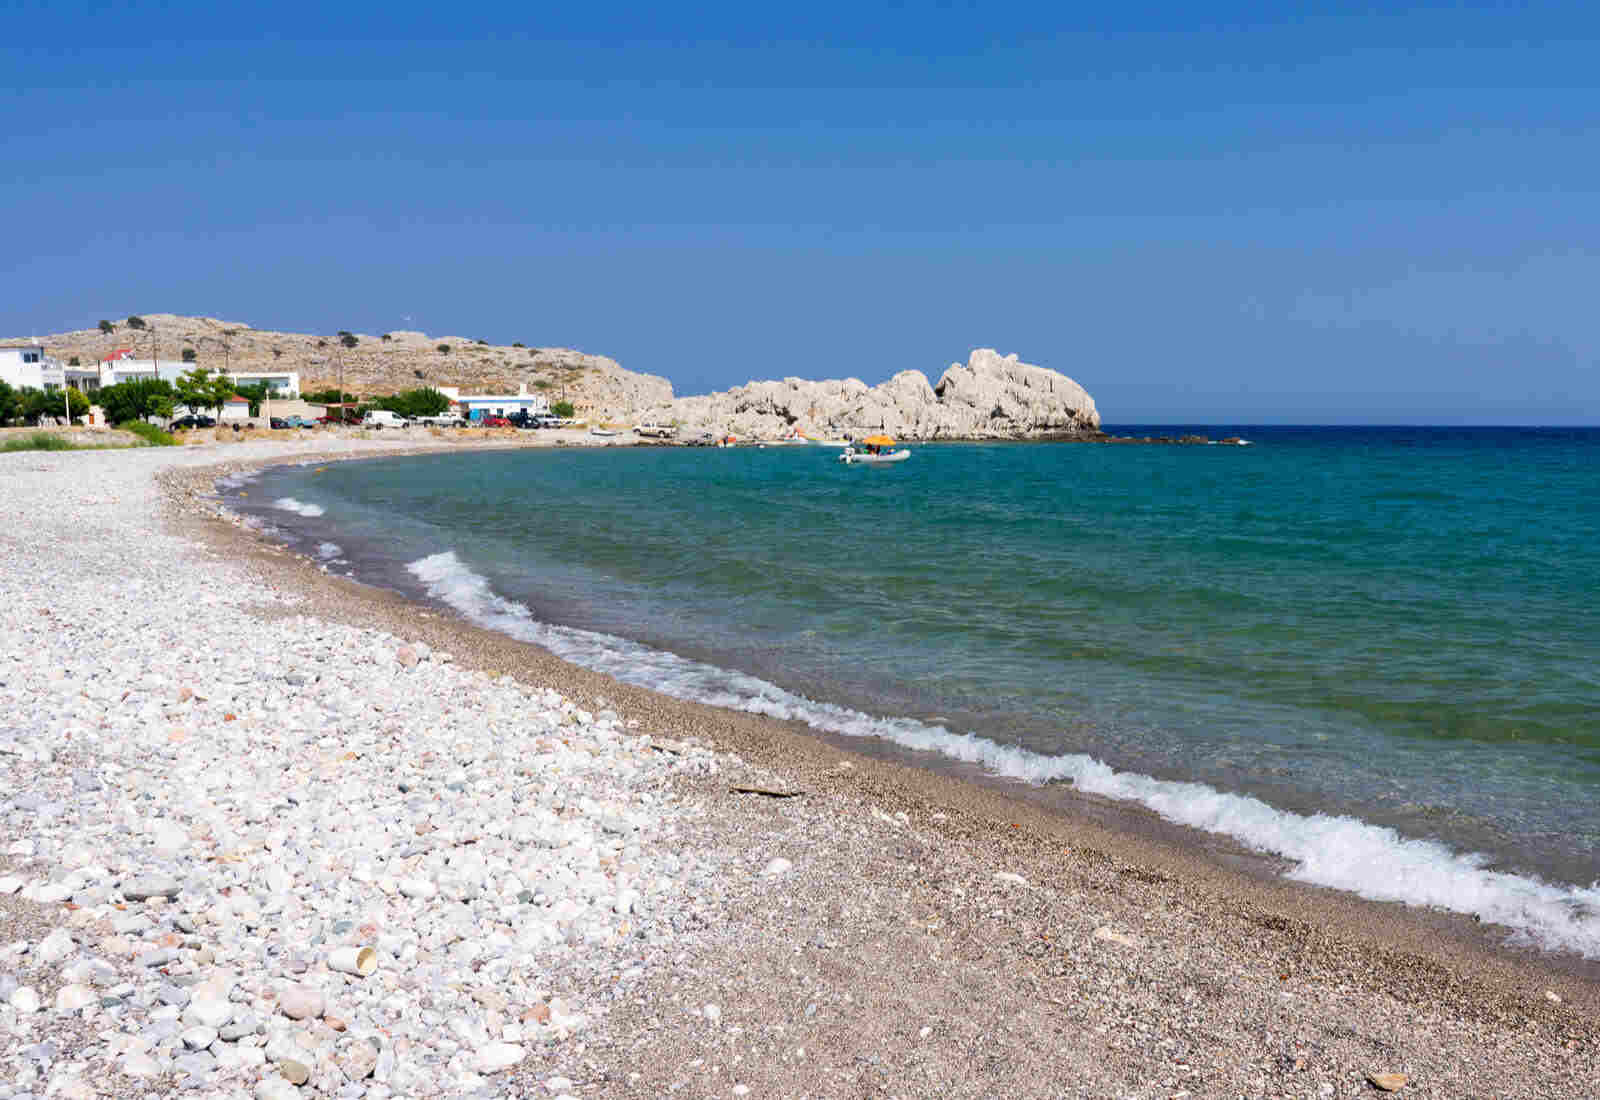 Rhodos Karte Strände.Die Schönsten Strände Auf Rhodos Strandurlaub Rhodos Weg De